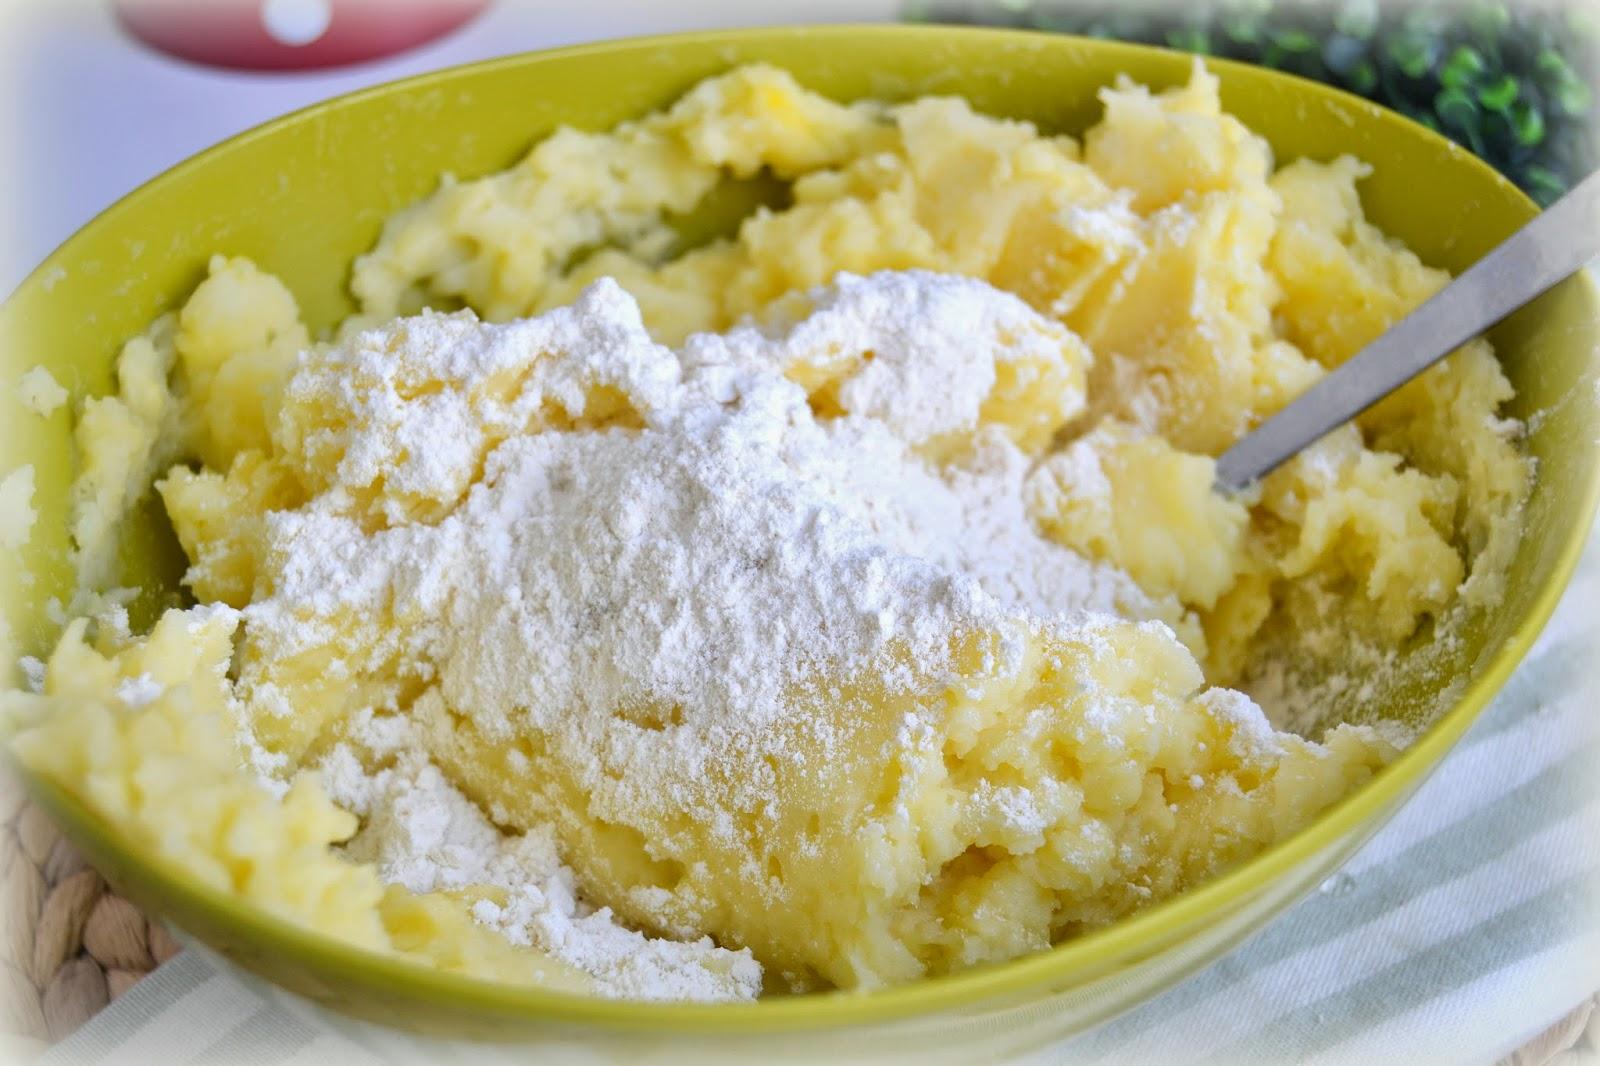 Masa para ñoquis o gnocchi. Receta típica italiana, fácil, rápida, casera.